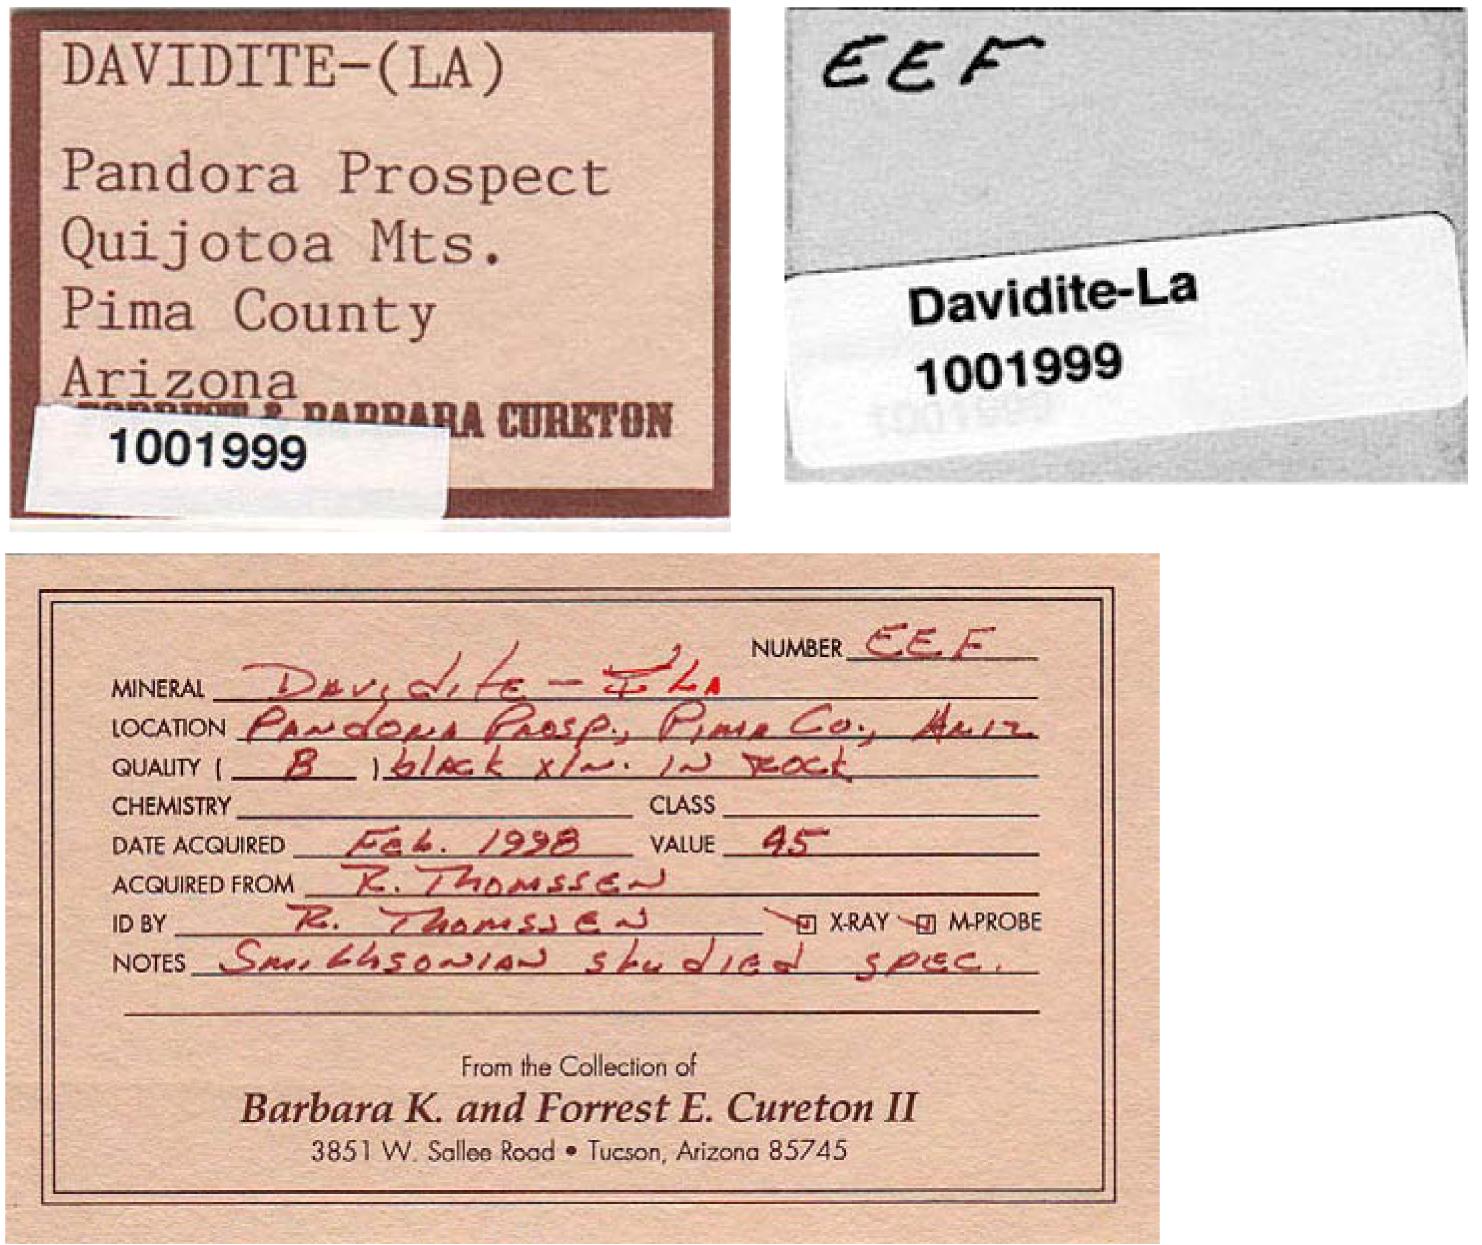 Davidite La R070698 Rruff Database Raman X Ray